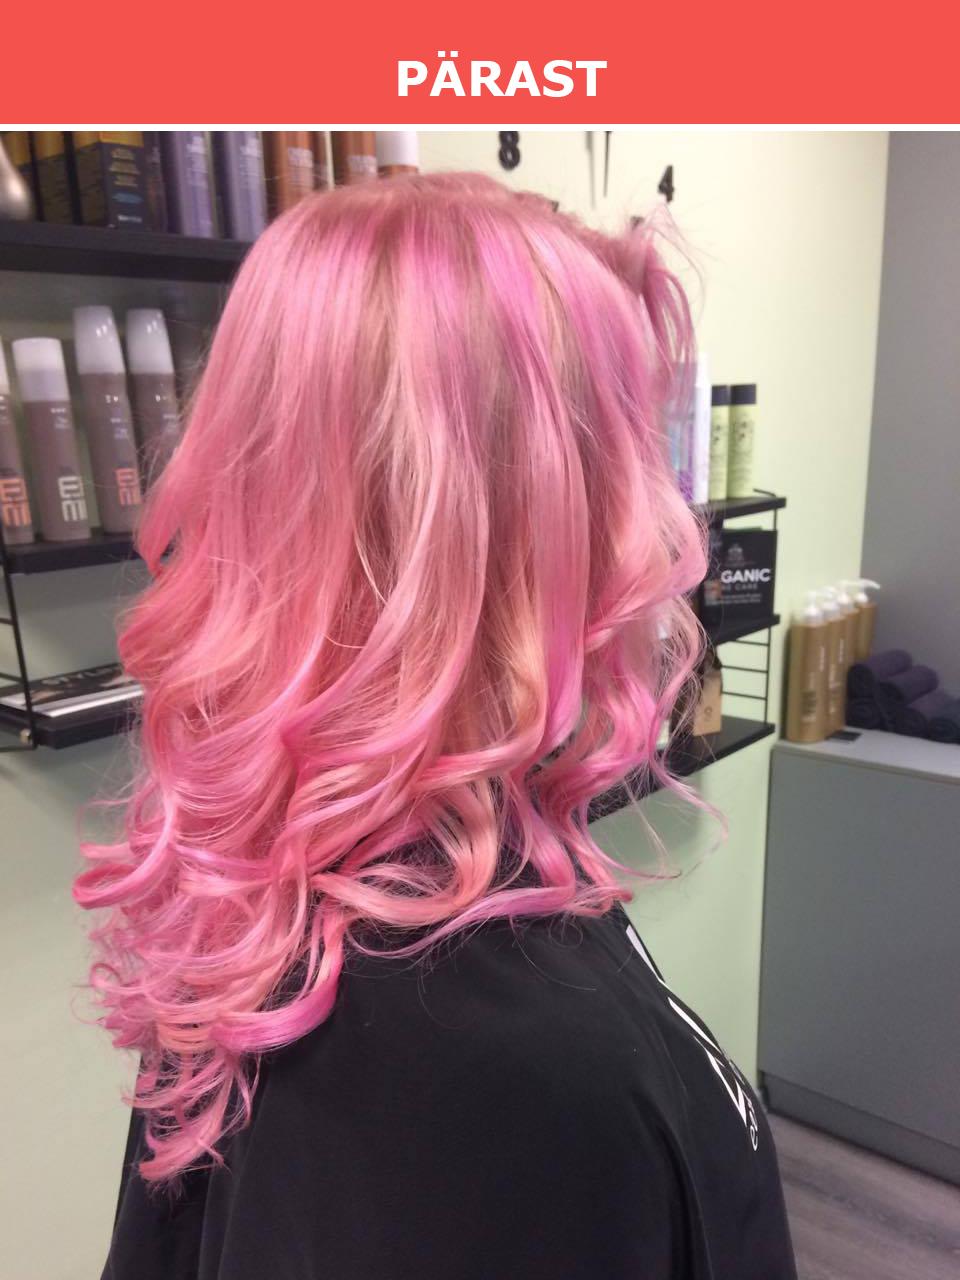 Soovid vaheldust oma igapäevasesse väljanägemisse? Värvi juuksed roosaks.